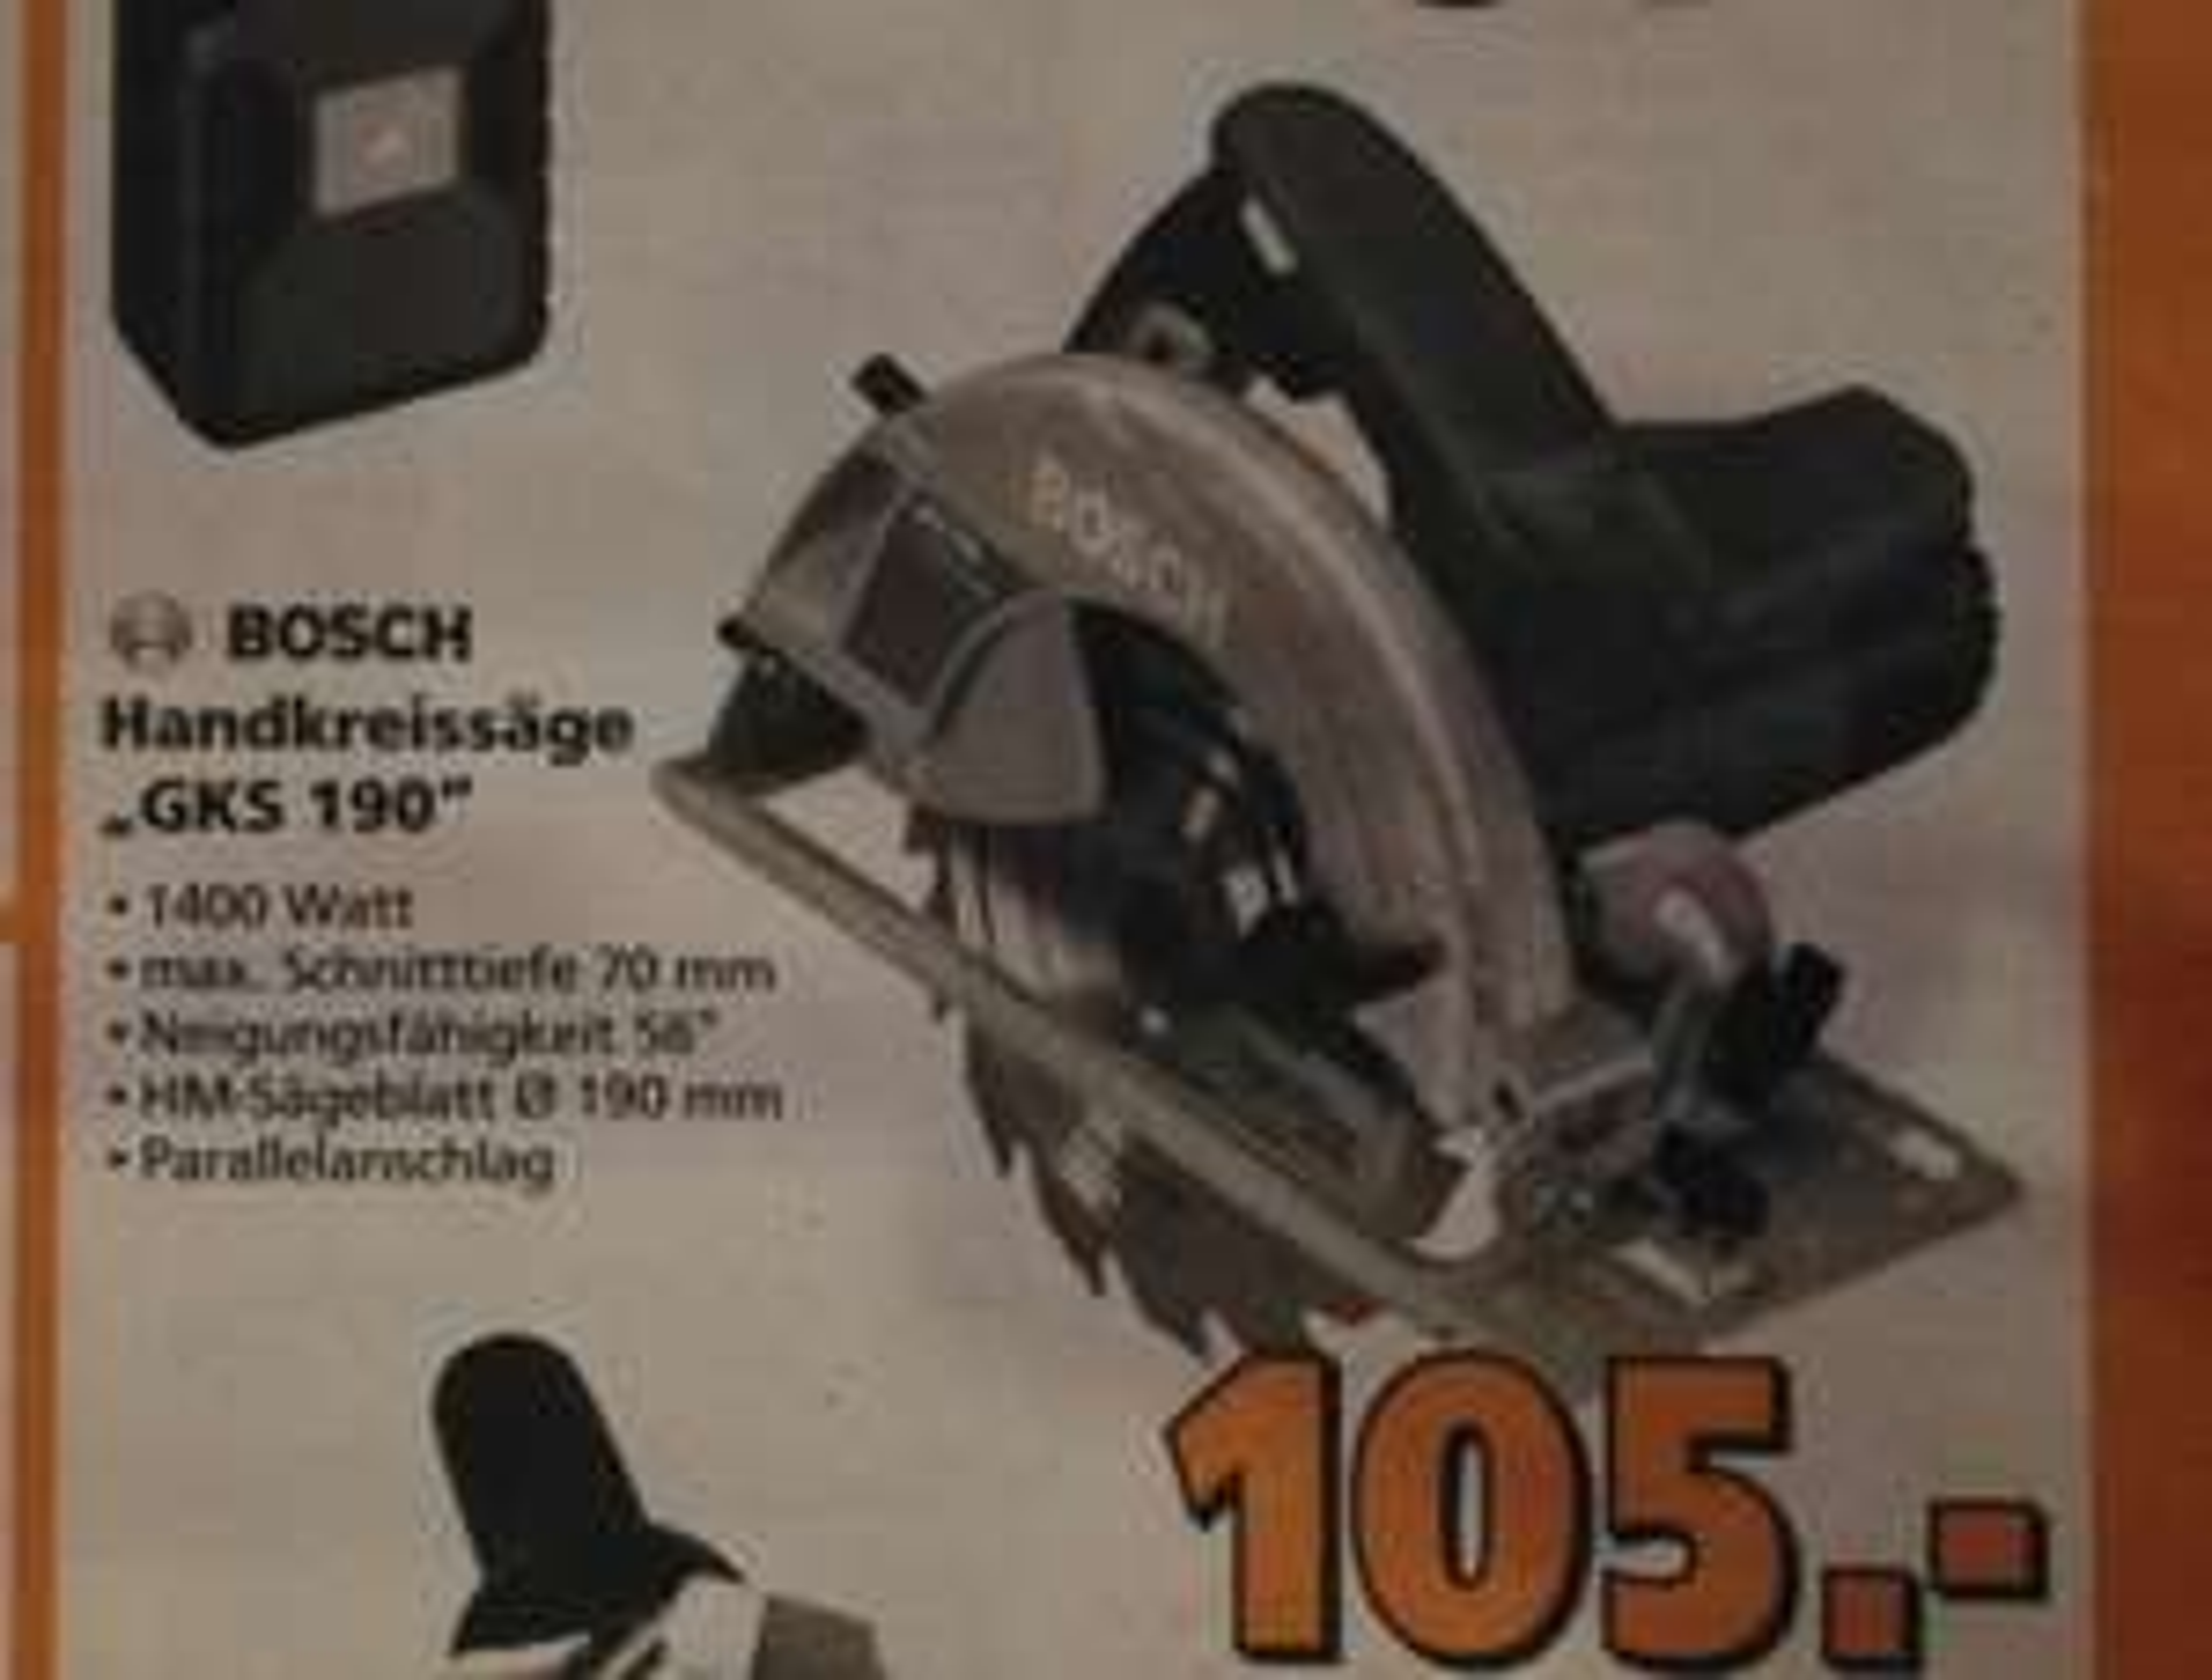 Bosch Professional GKS 190 Kreissäge (durch Bauhaus TPG)